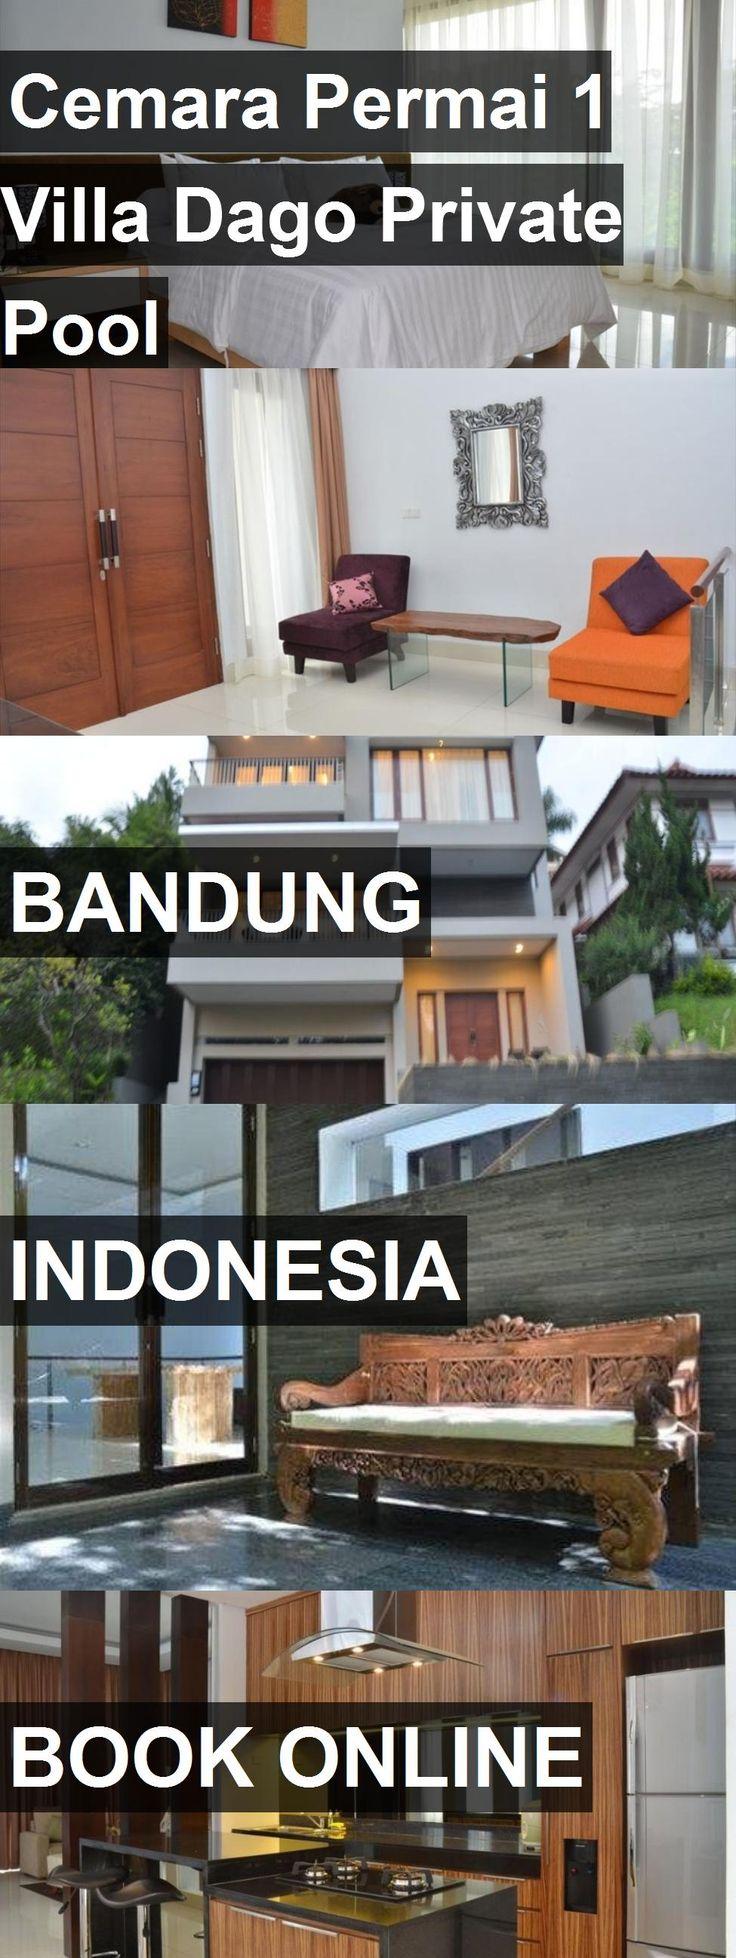 Hotel Cemara Permai 1 Villa Dago Private Pool In Bandung Indonesia For More Information